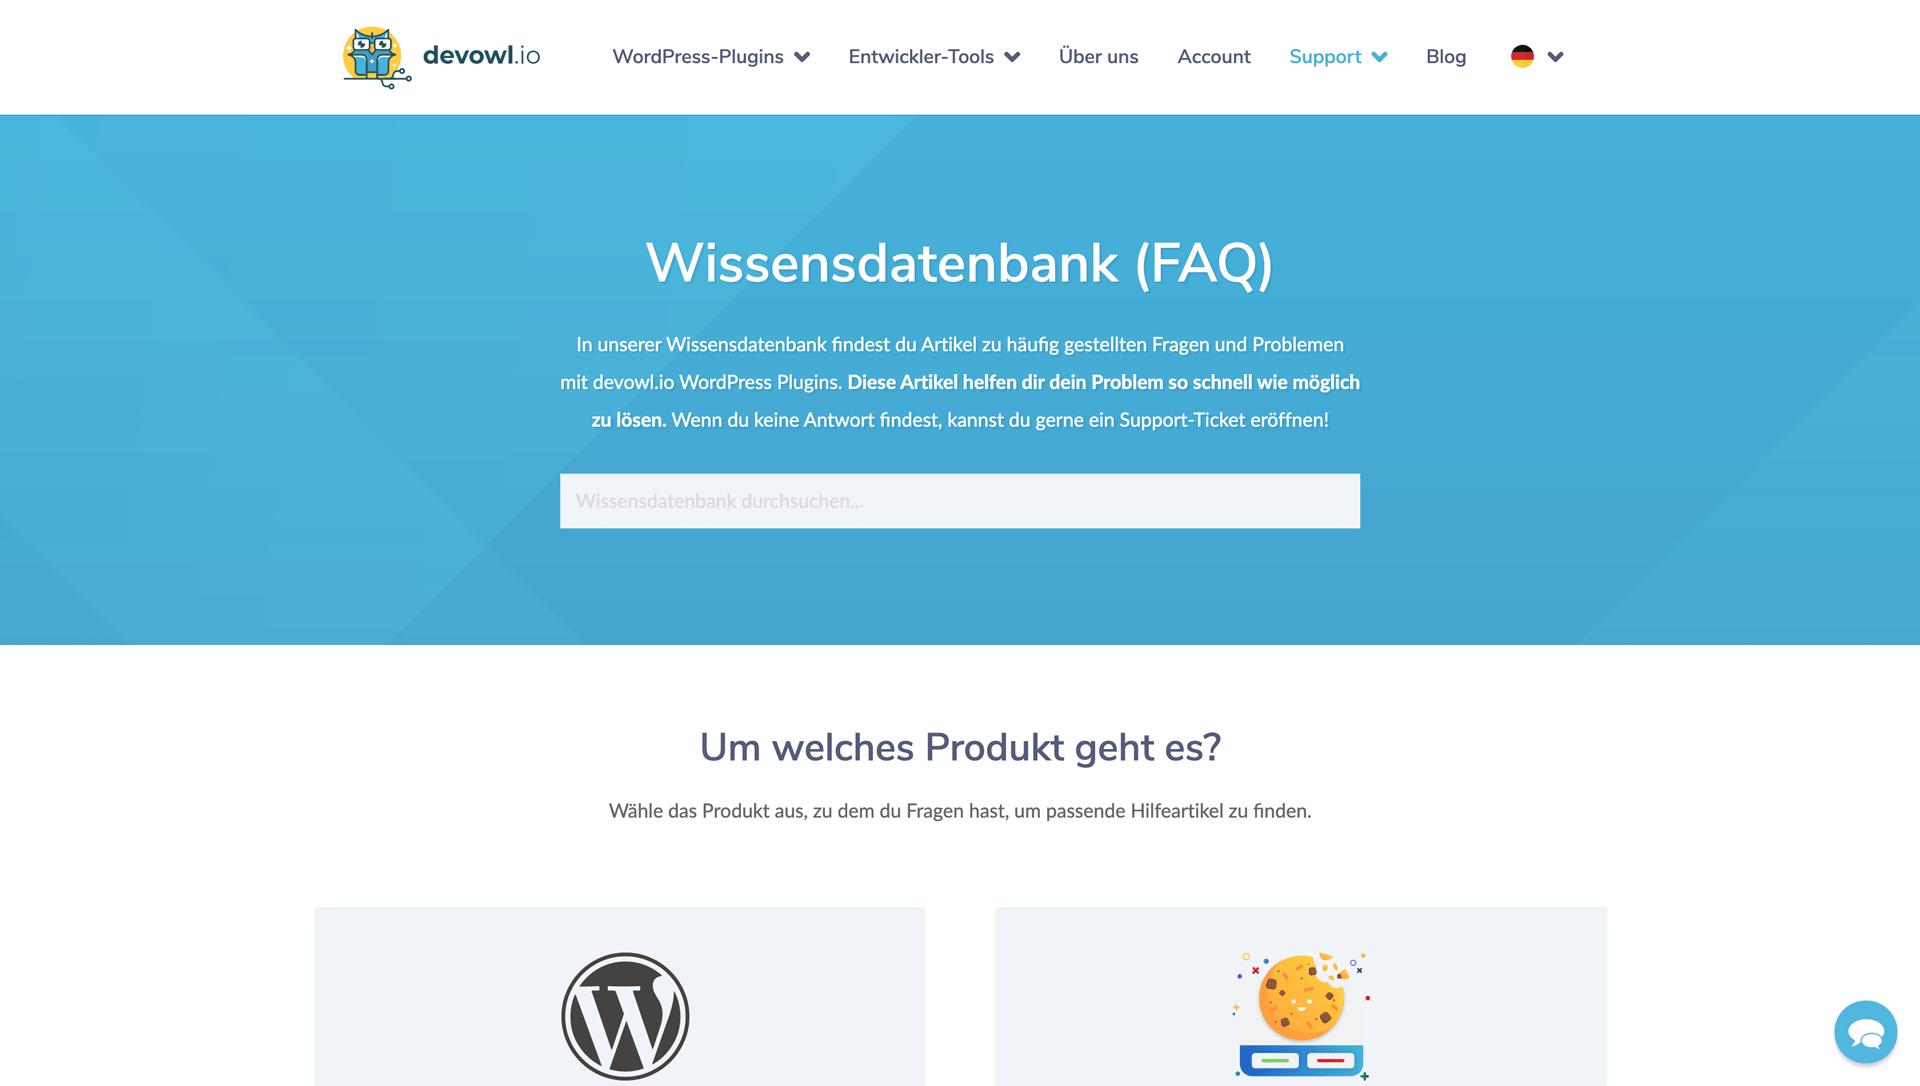 Wissensdatenbank auf dem neuen devowl.io (2021)